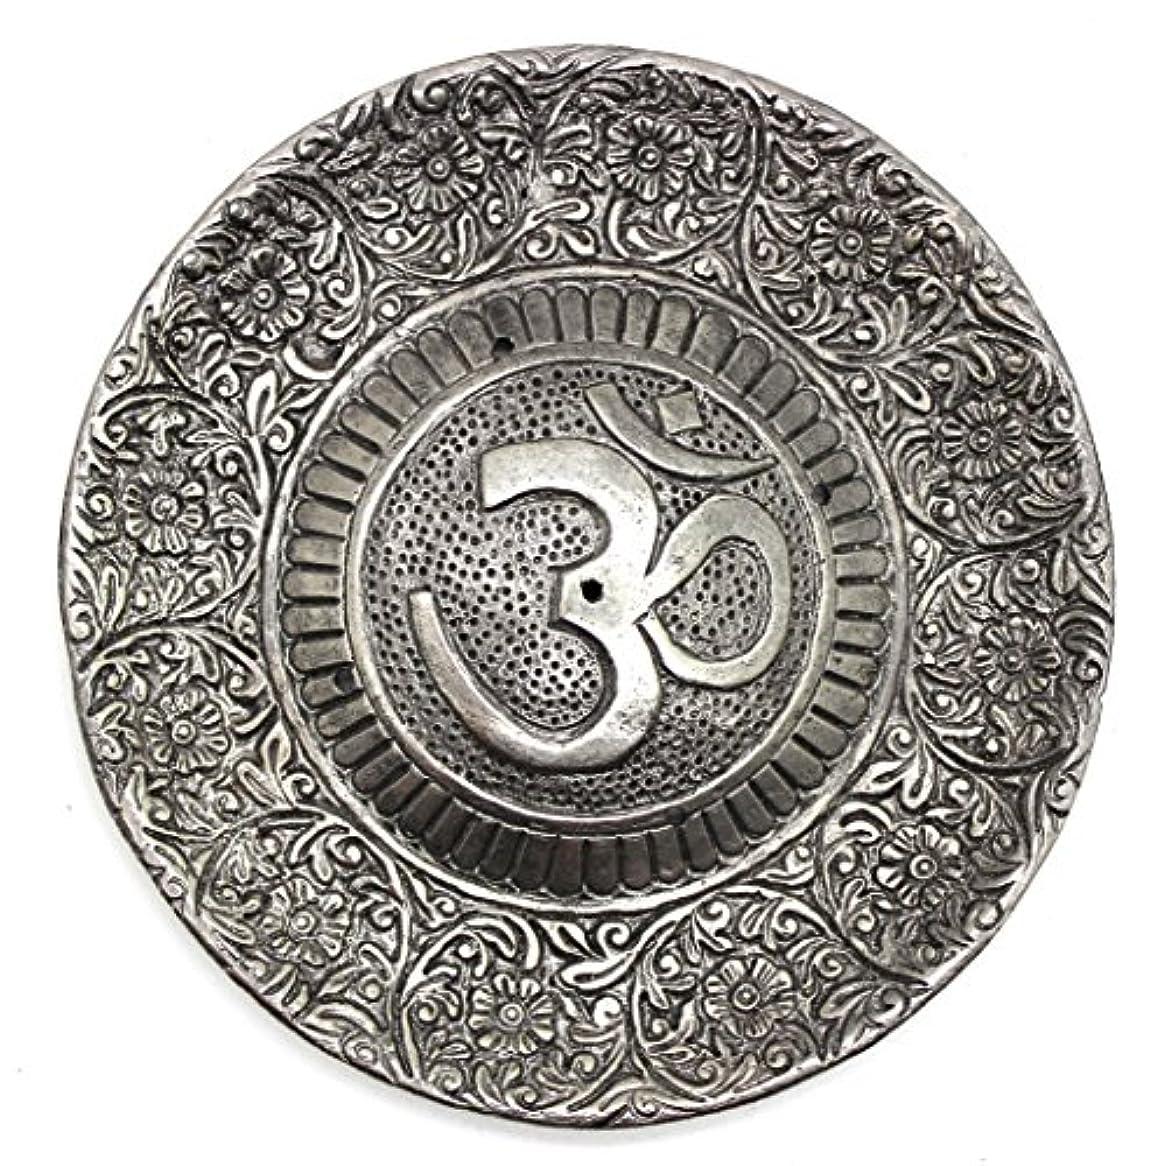 集団的肺驚かすGovinda - Tibetan Incense Burner - Larger OM Symbol - 11cm Diameter